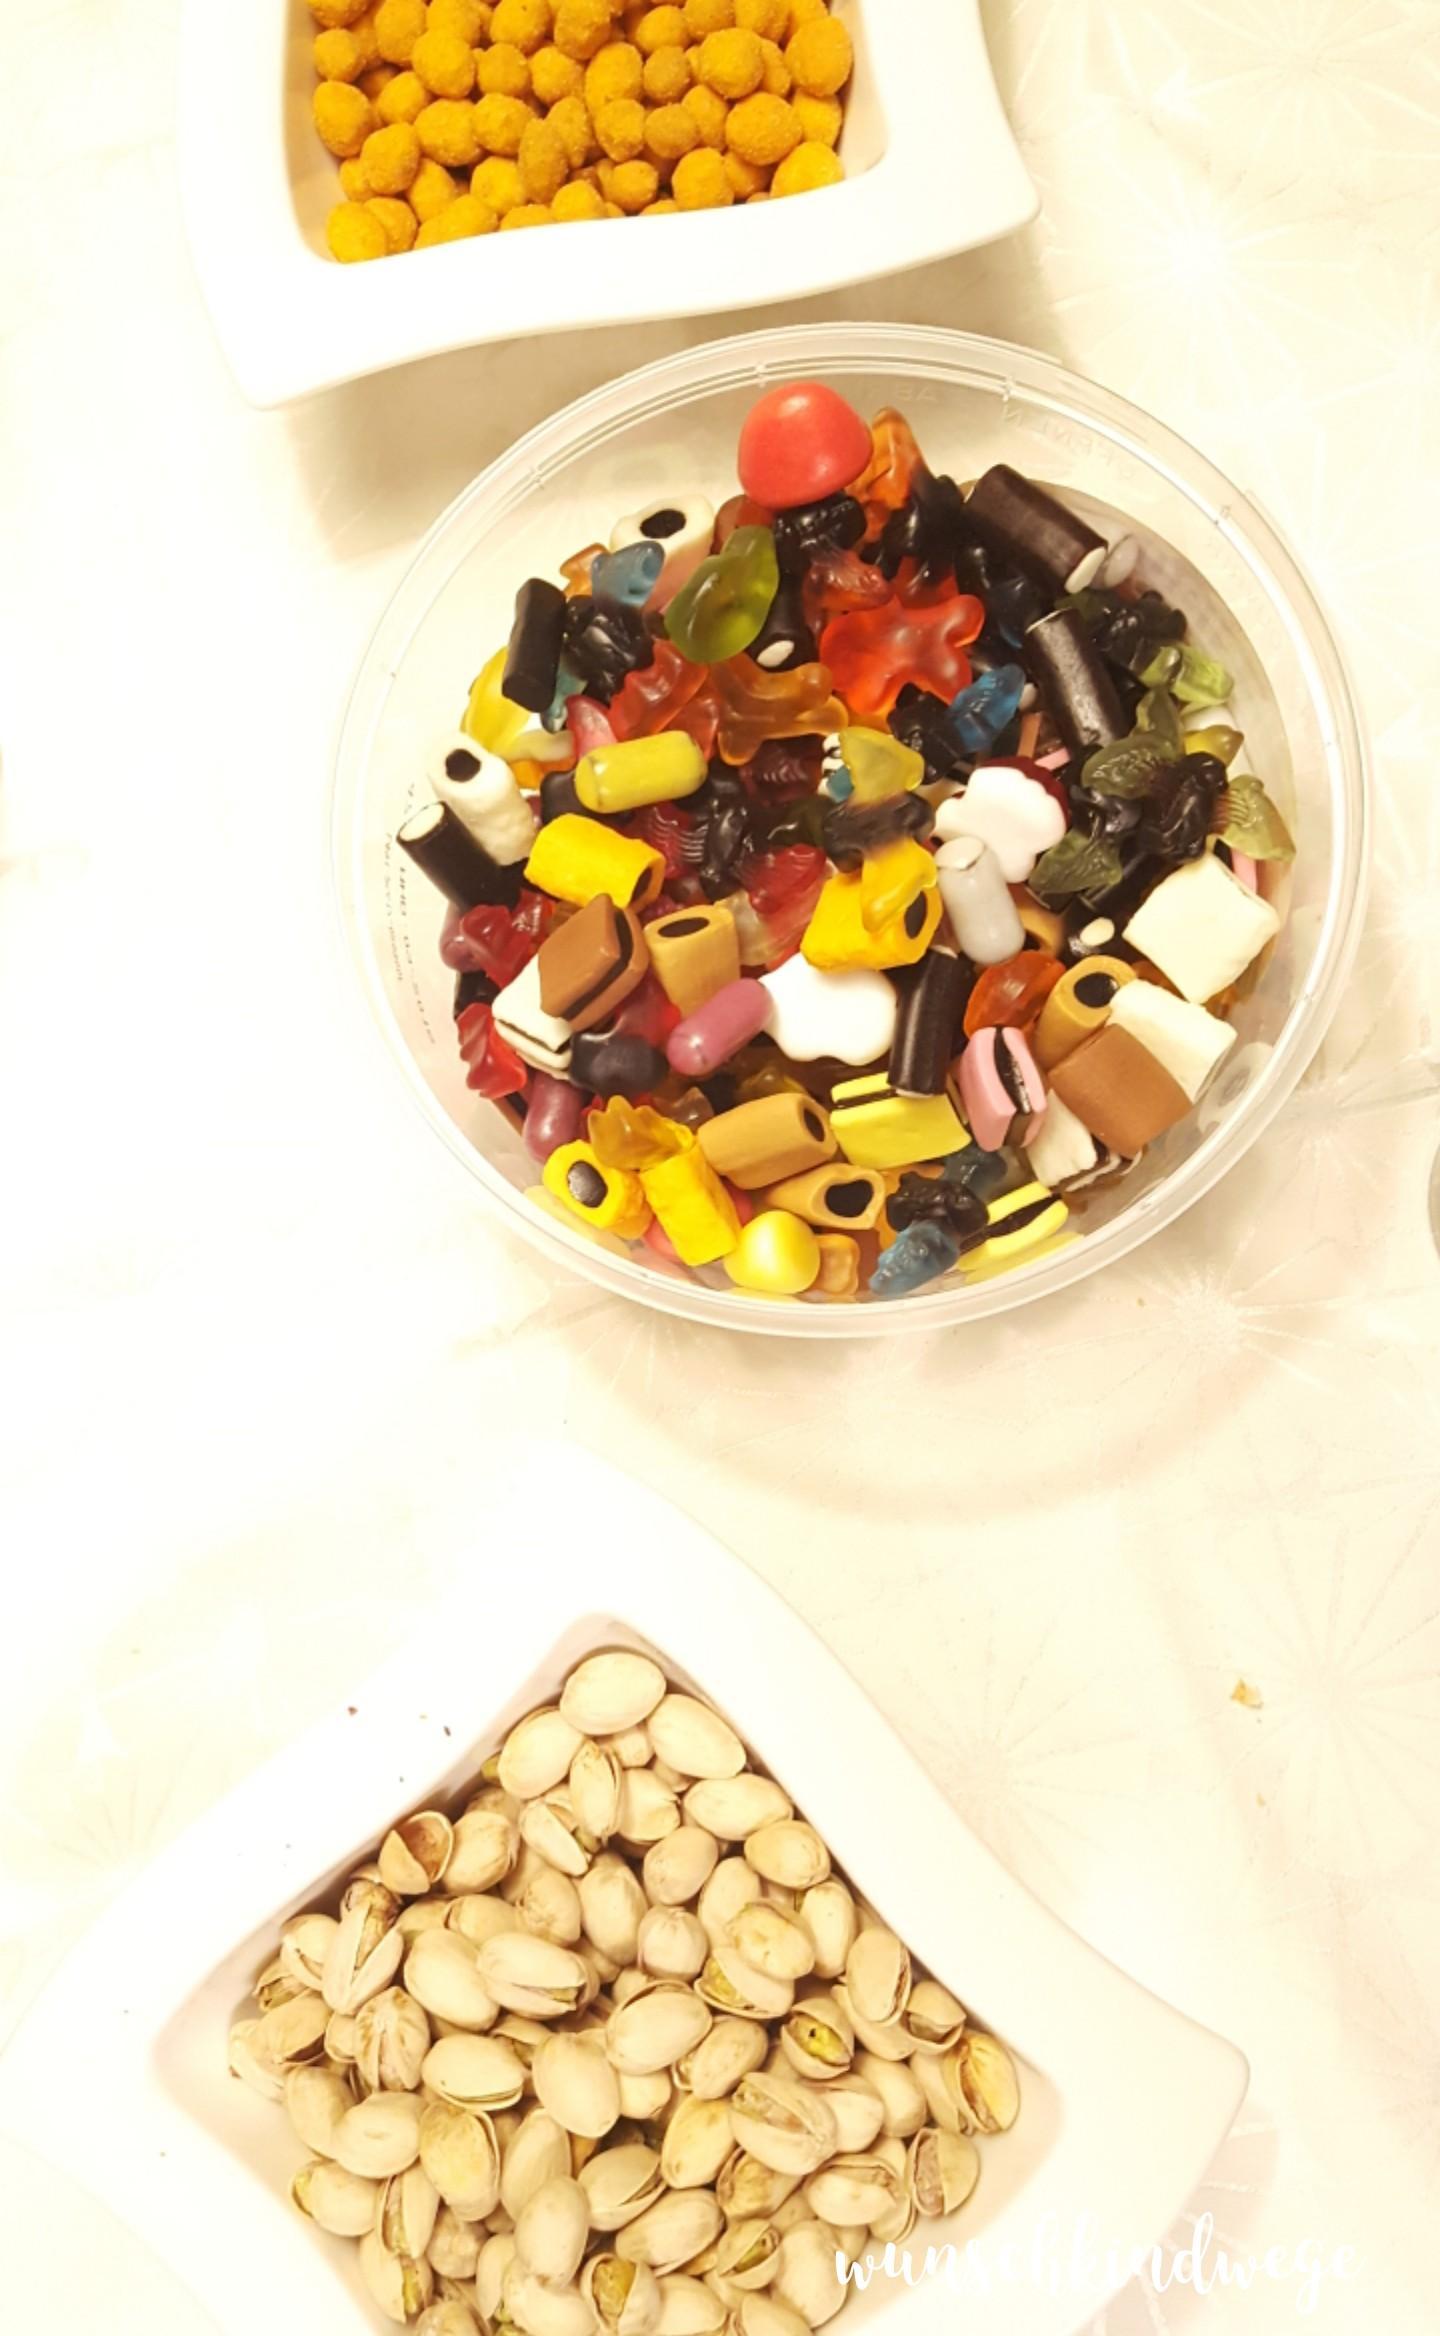 Silvesterwochenende Süßigkeiten